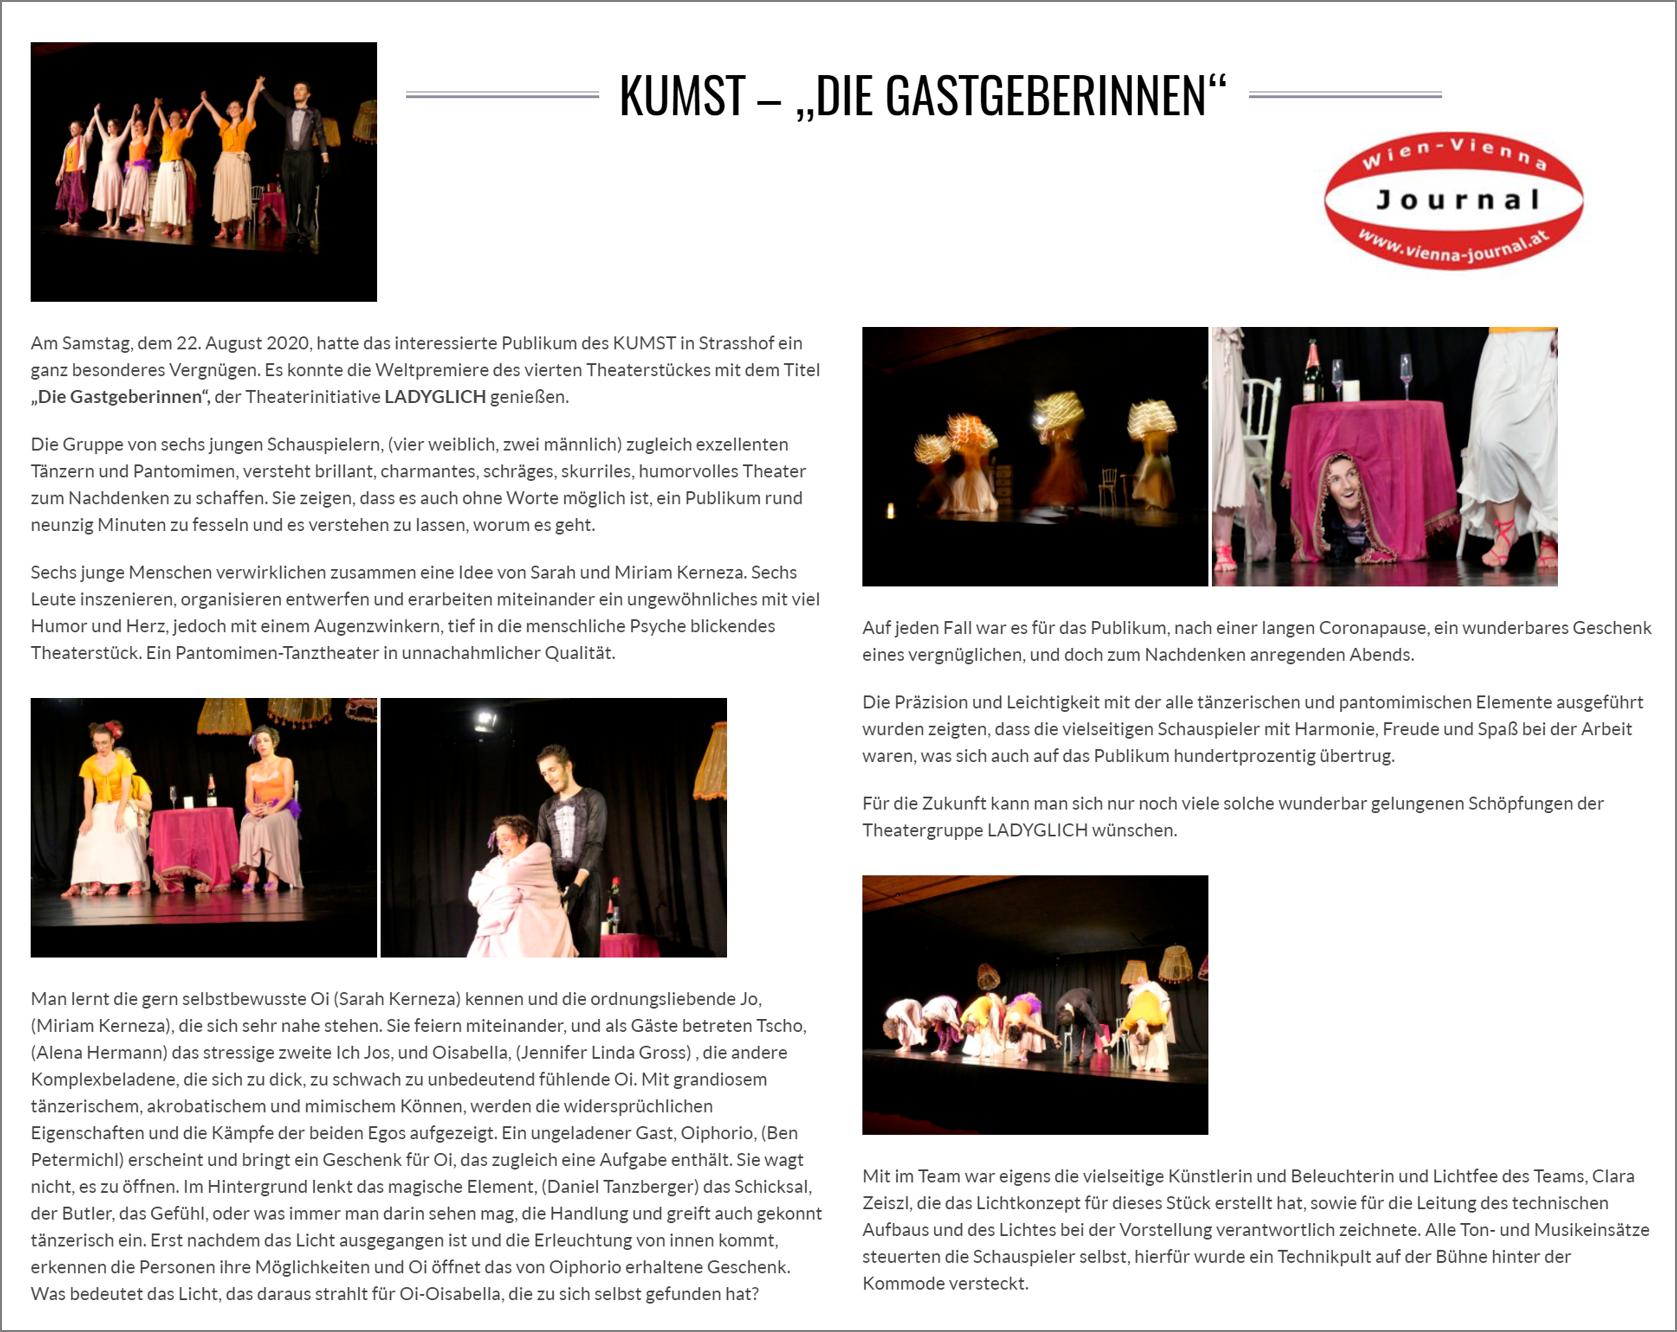 Vienna Journal, August 2020